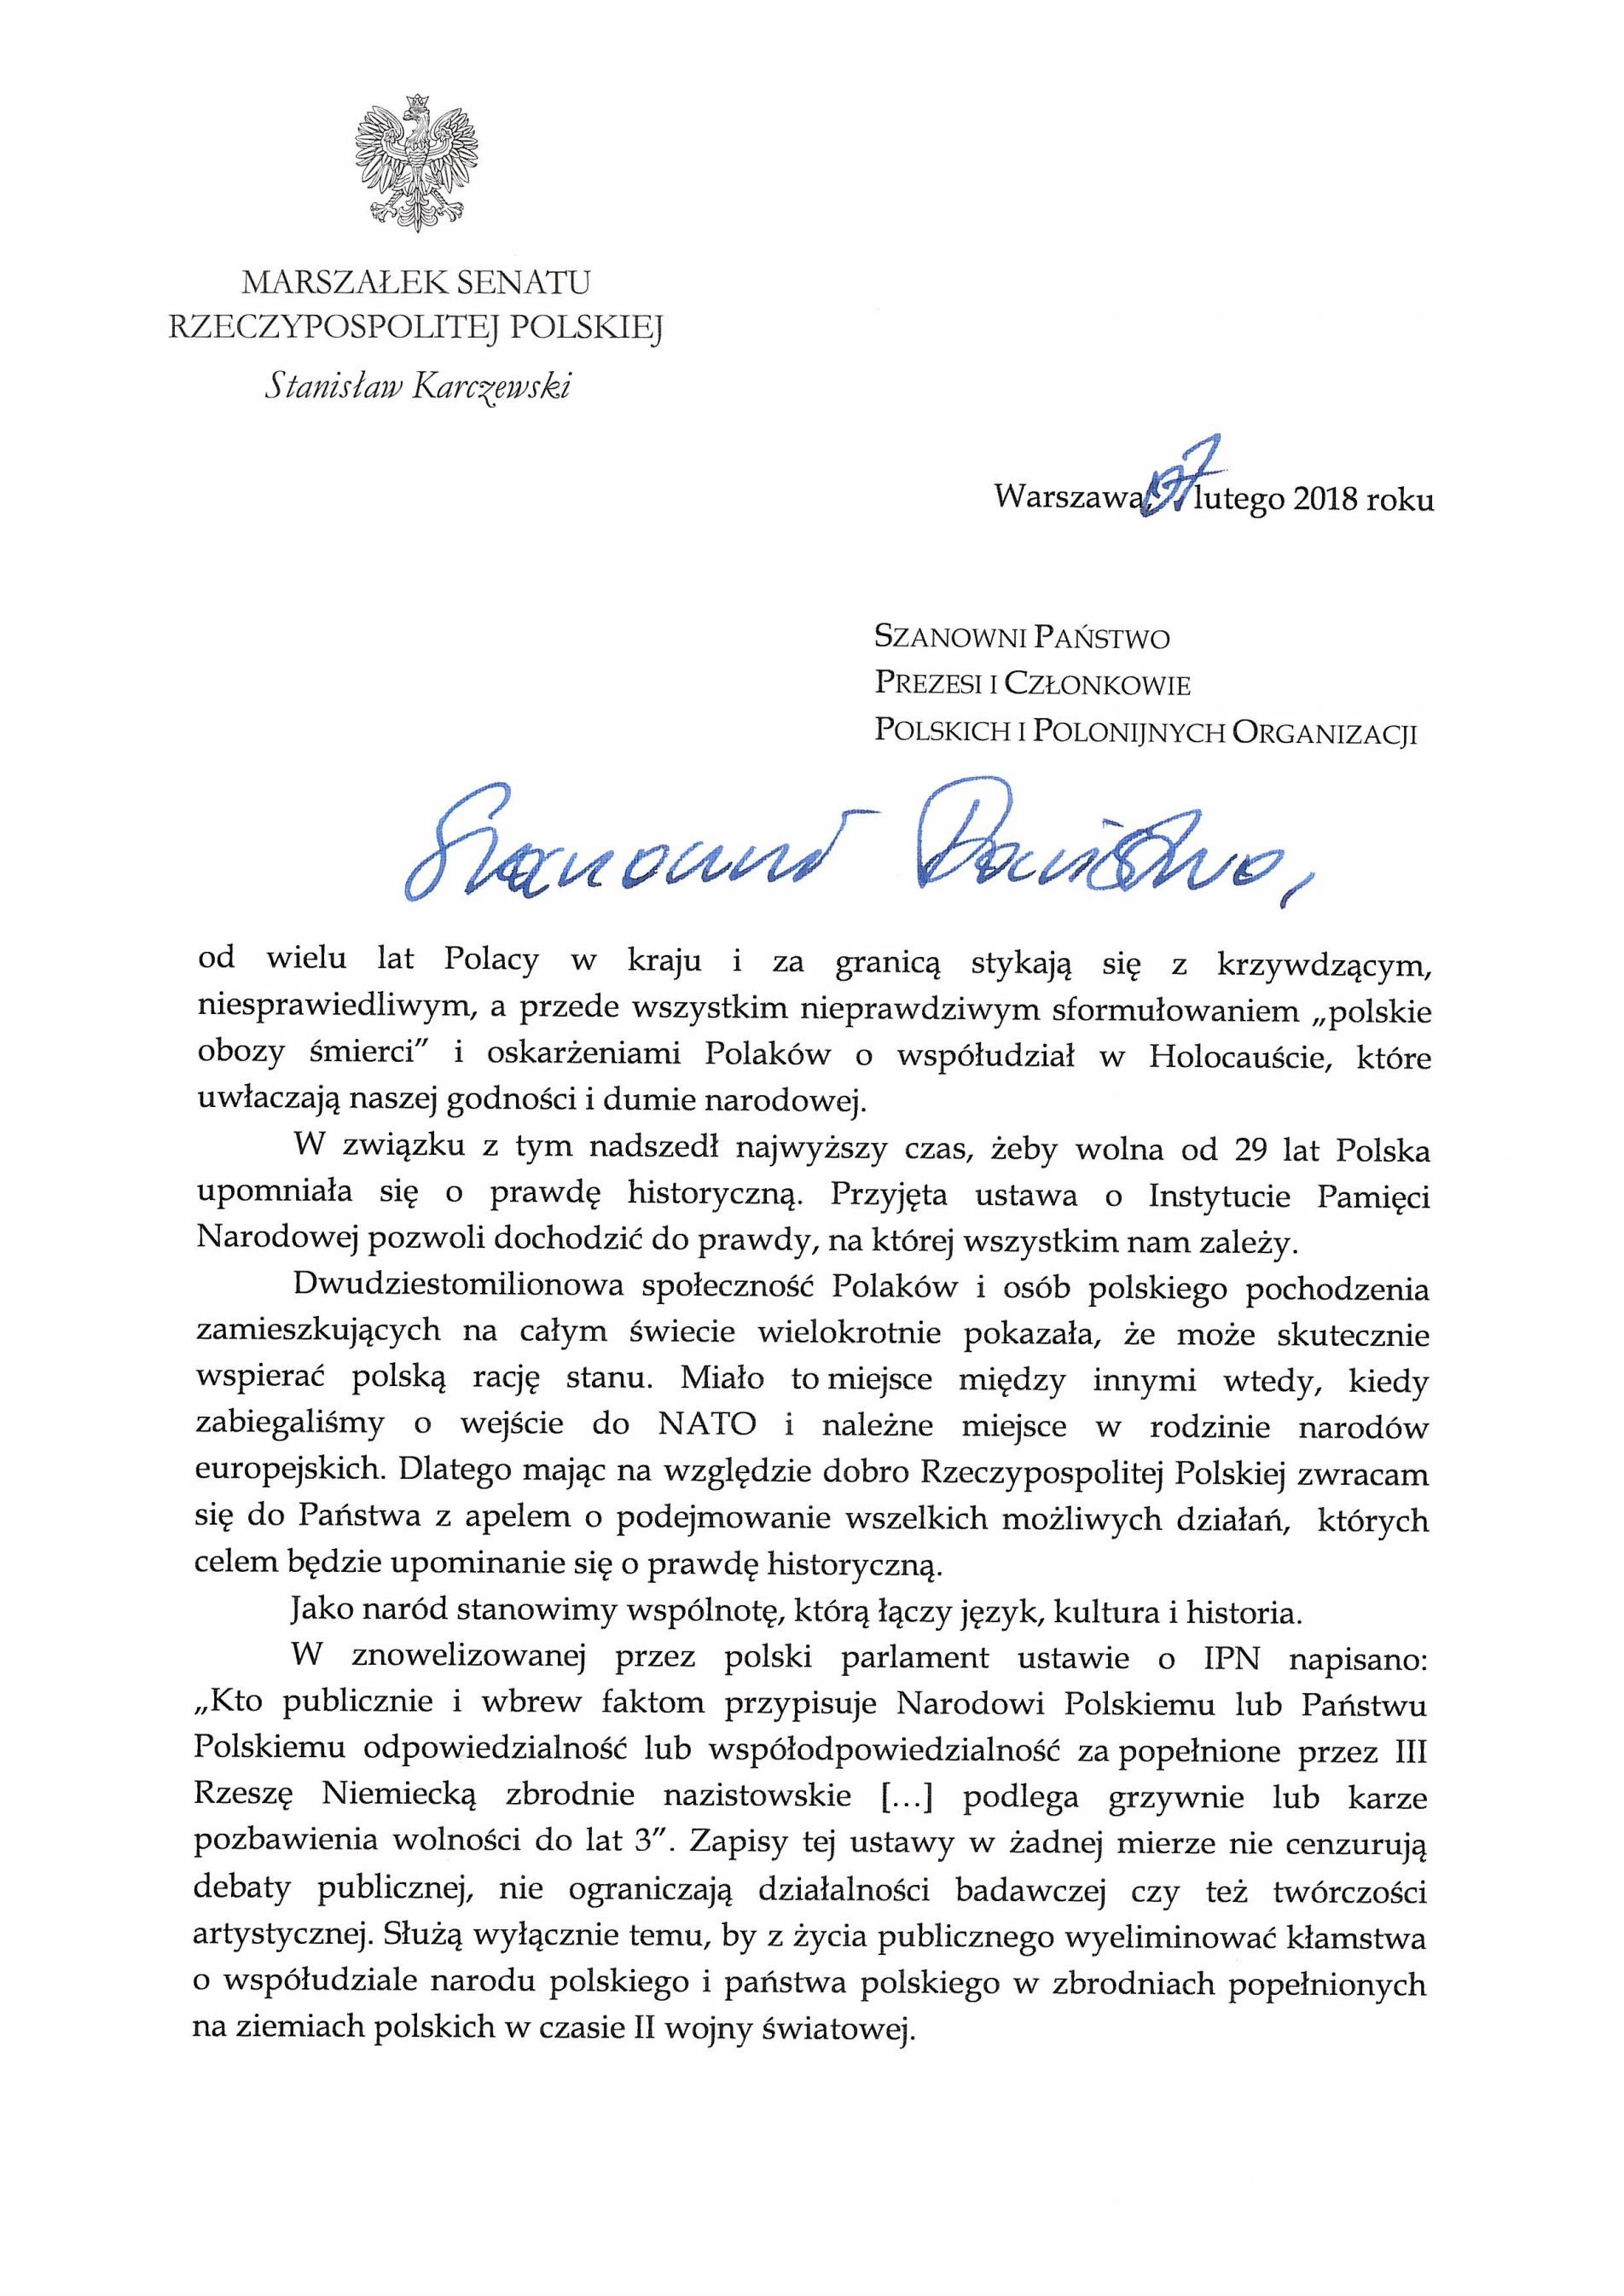 List do Polonii1.jpg